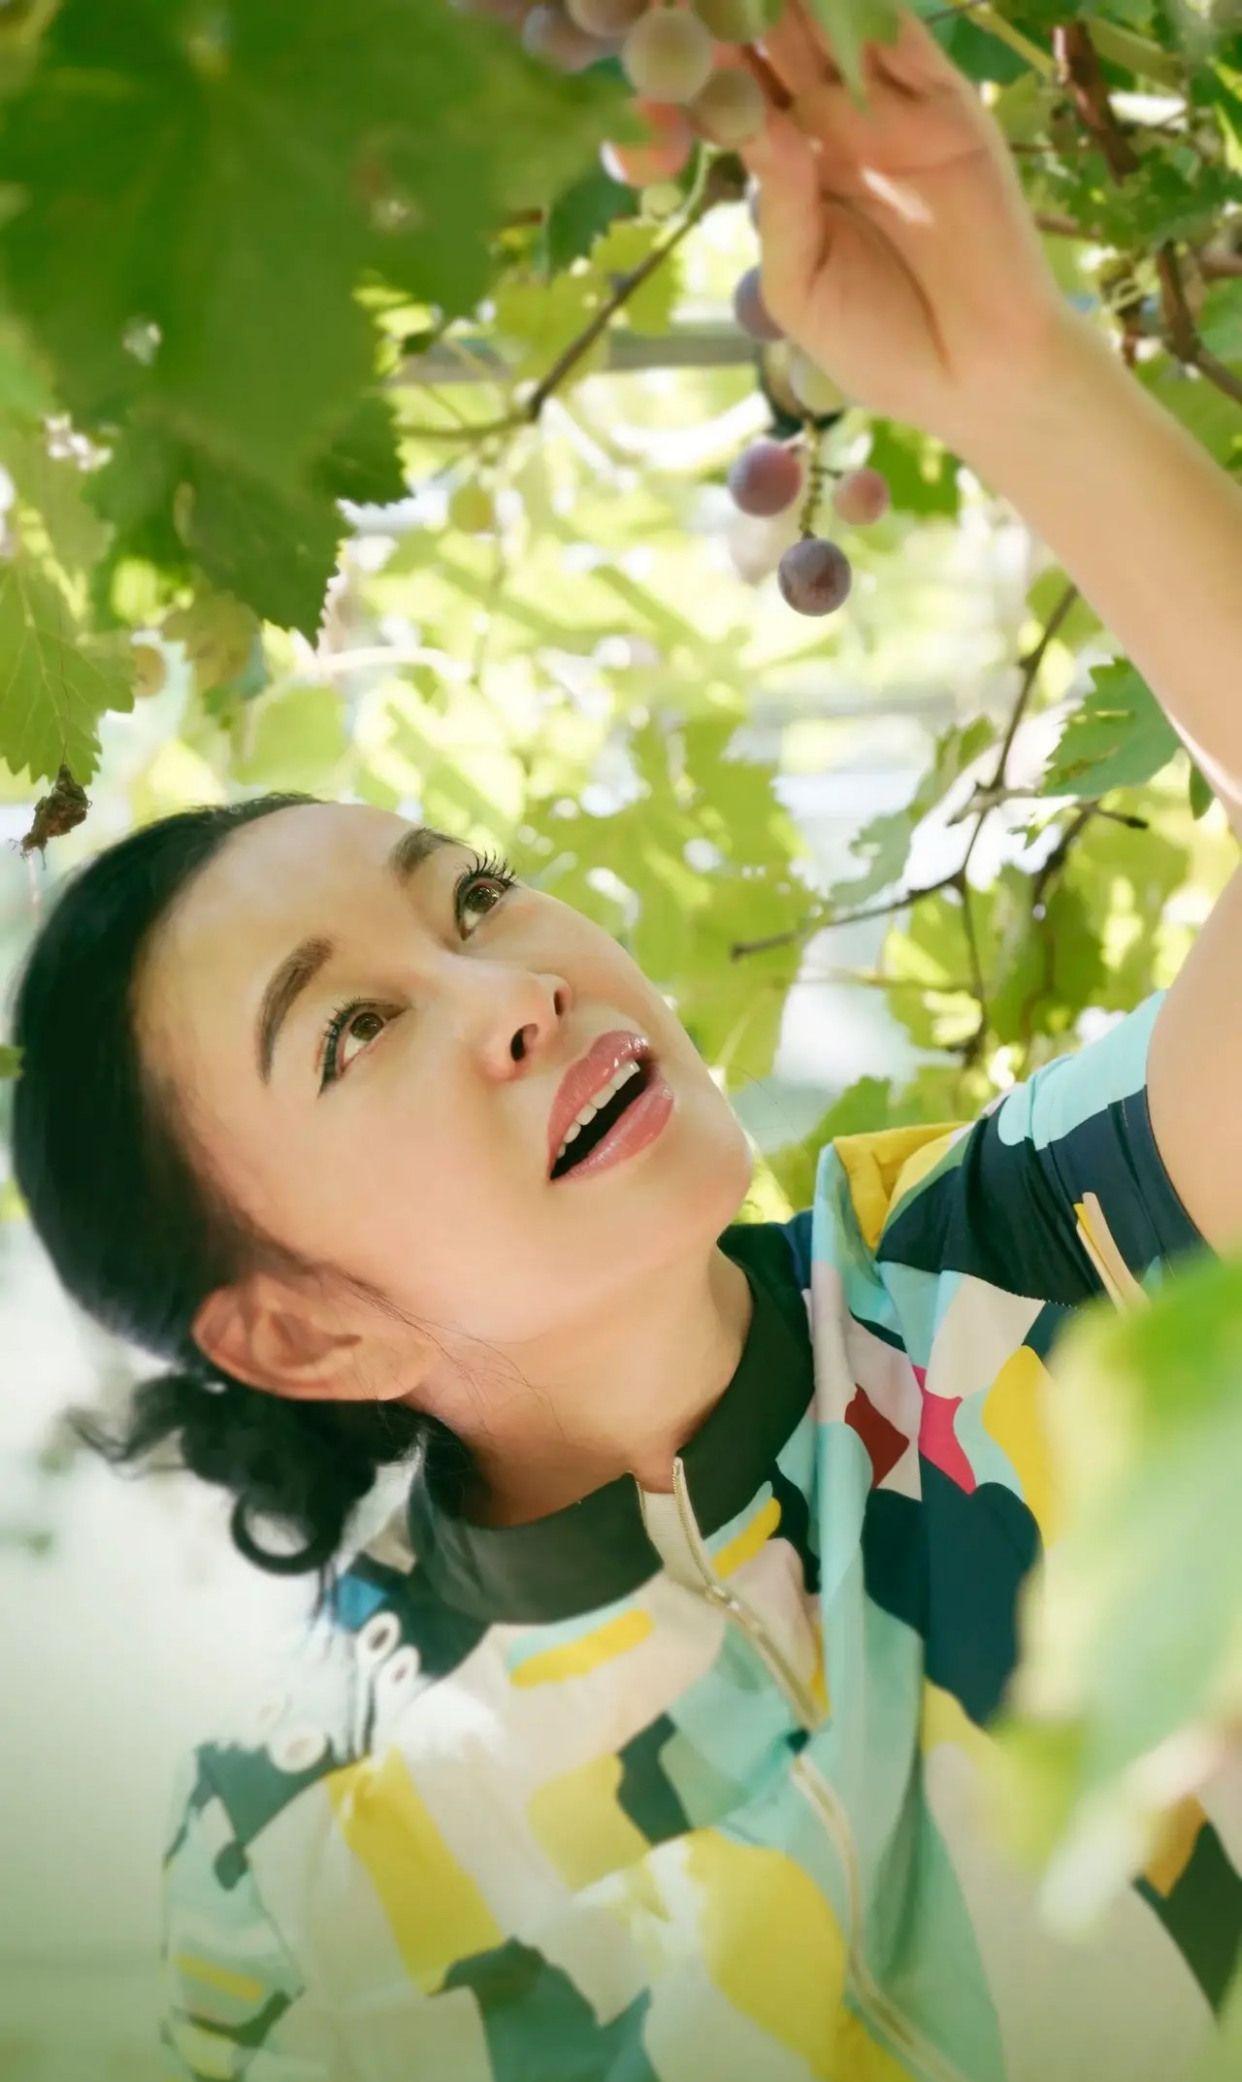 神仙姐姐刘晓庆